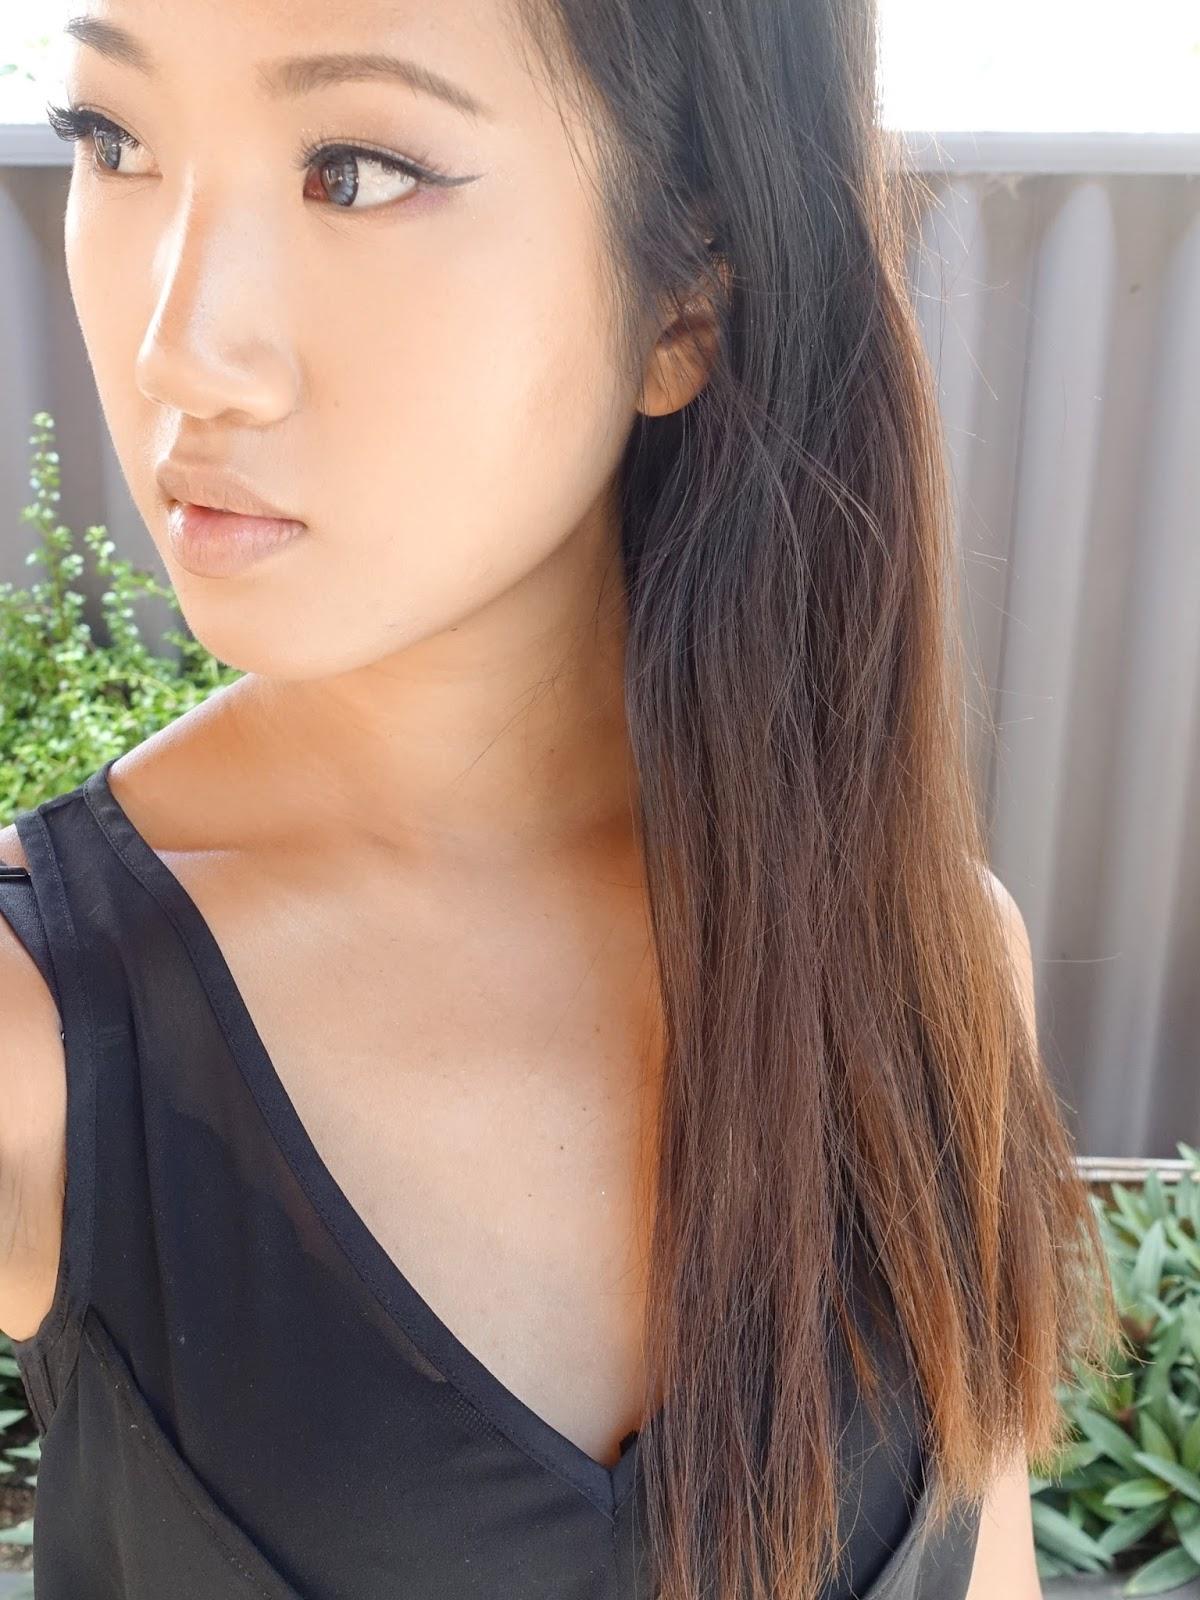 KimKinecom LUSH Caca Brun Henna Hair Dye Review - Hair colour asian